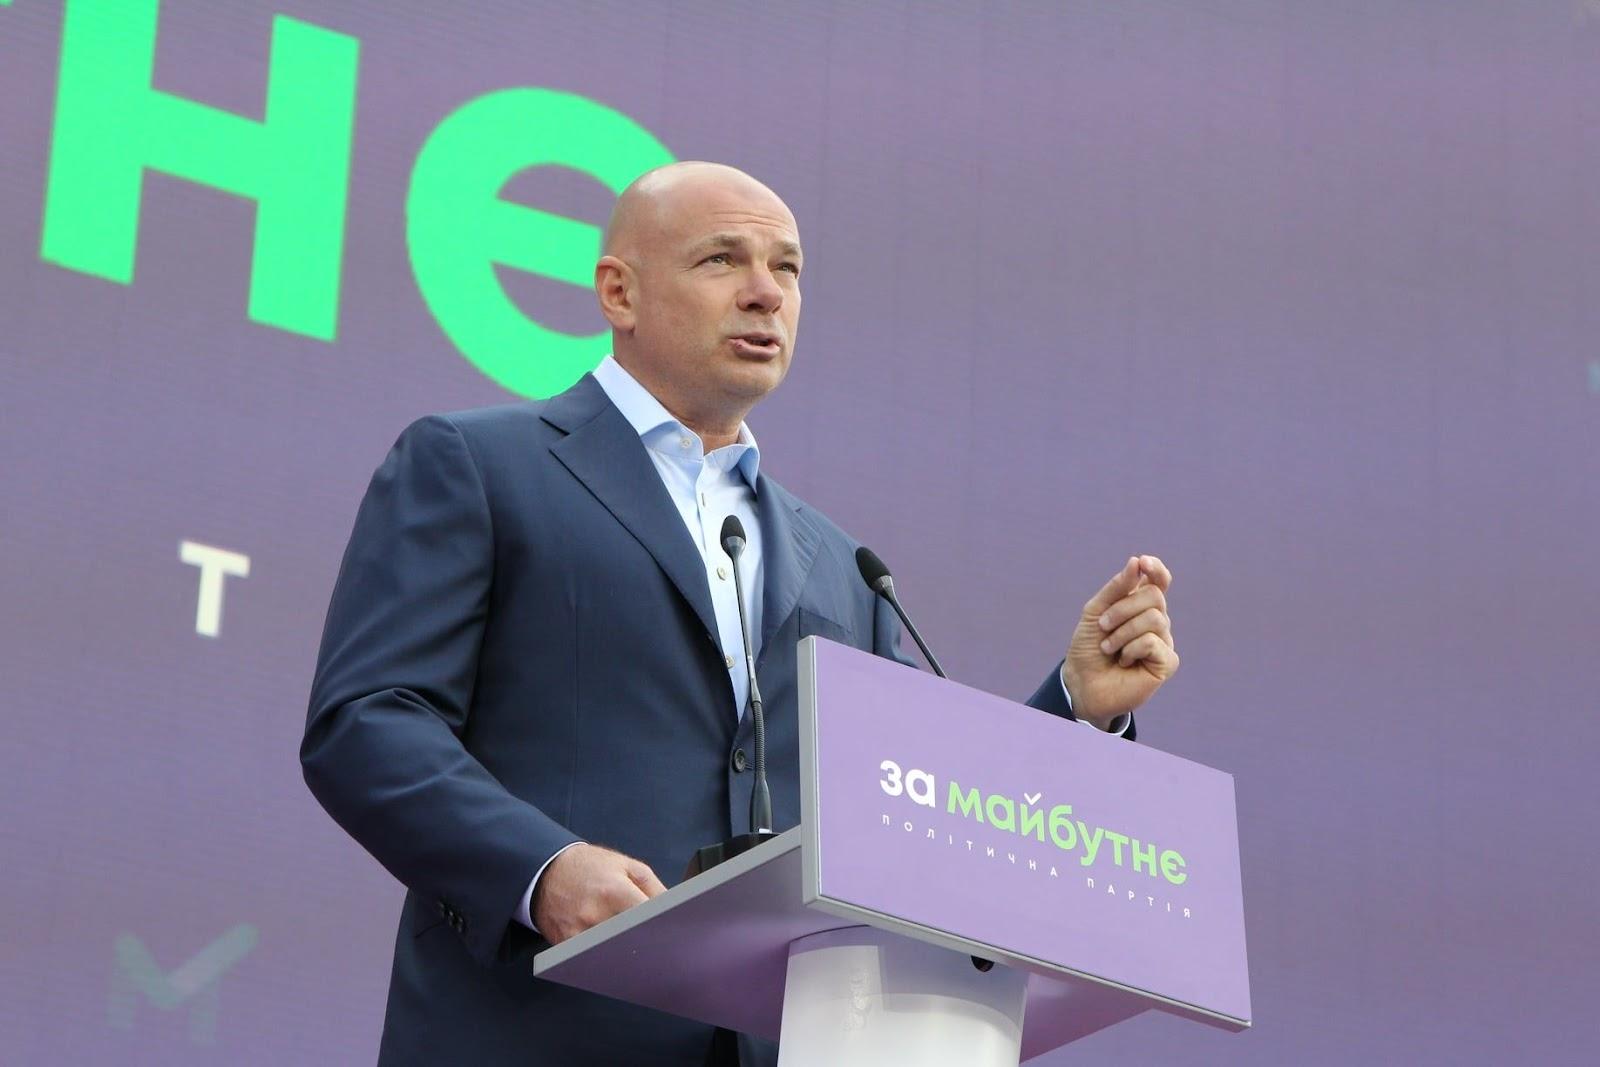 Палица - премьер-министр, или Все против Зеленского